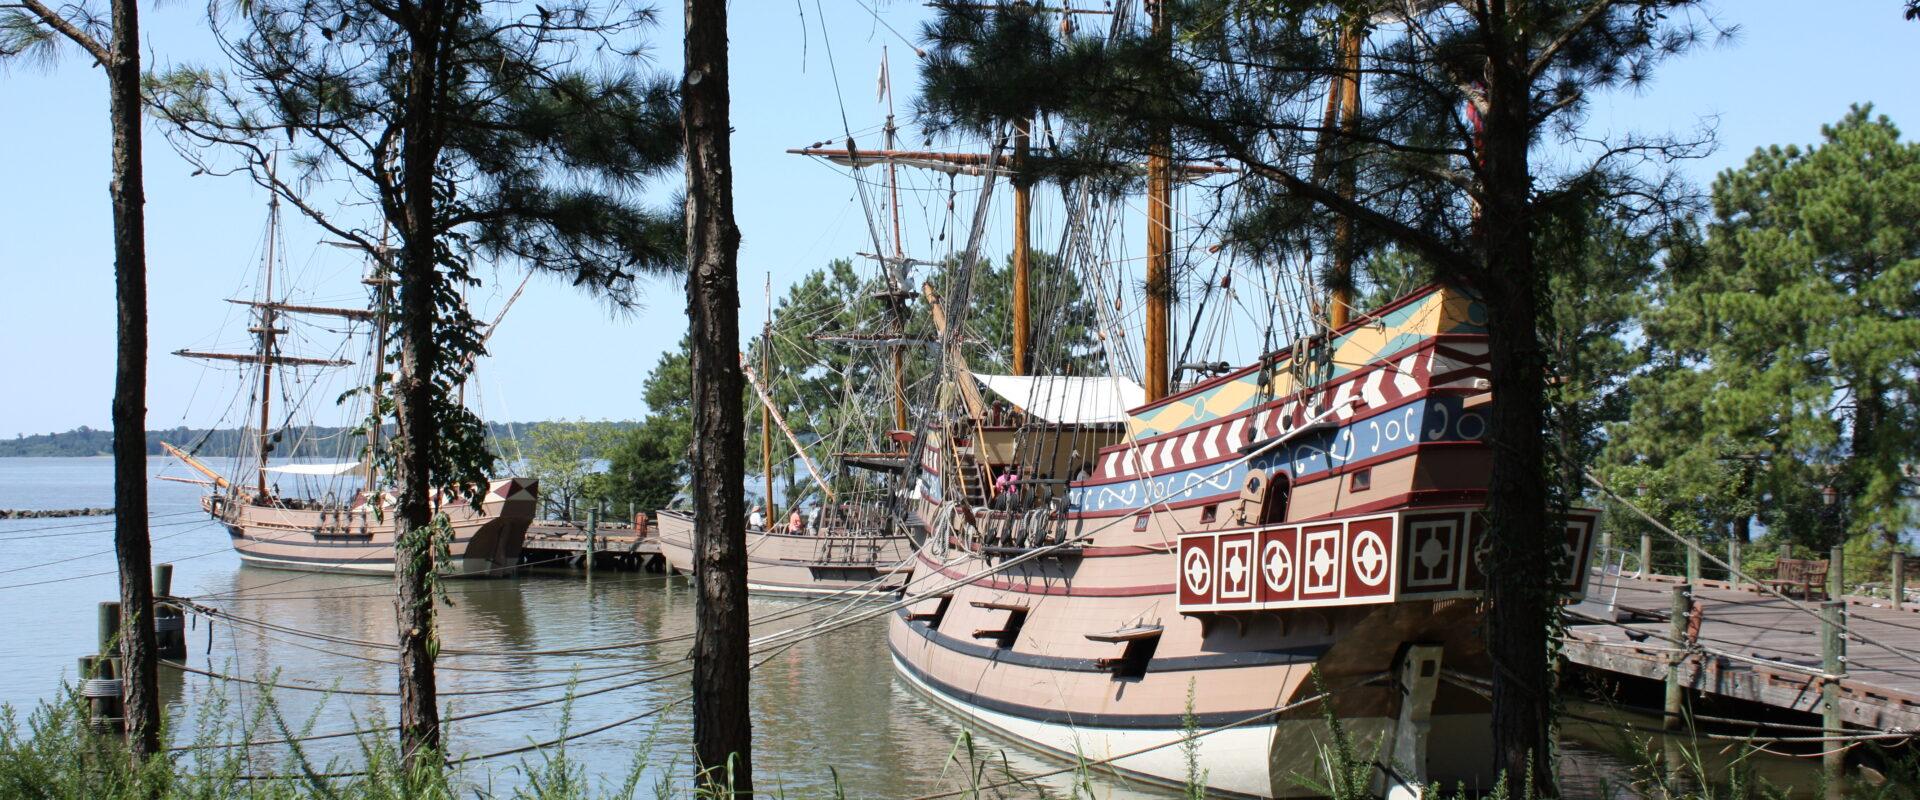 Jamestown Settlement Jamestown Ships